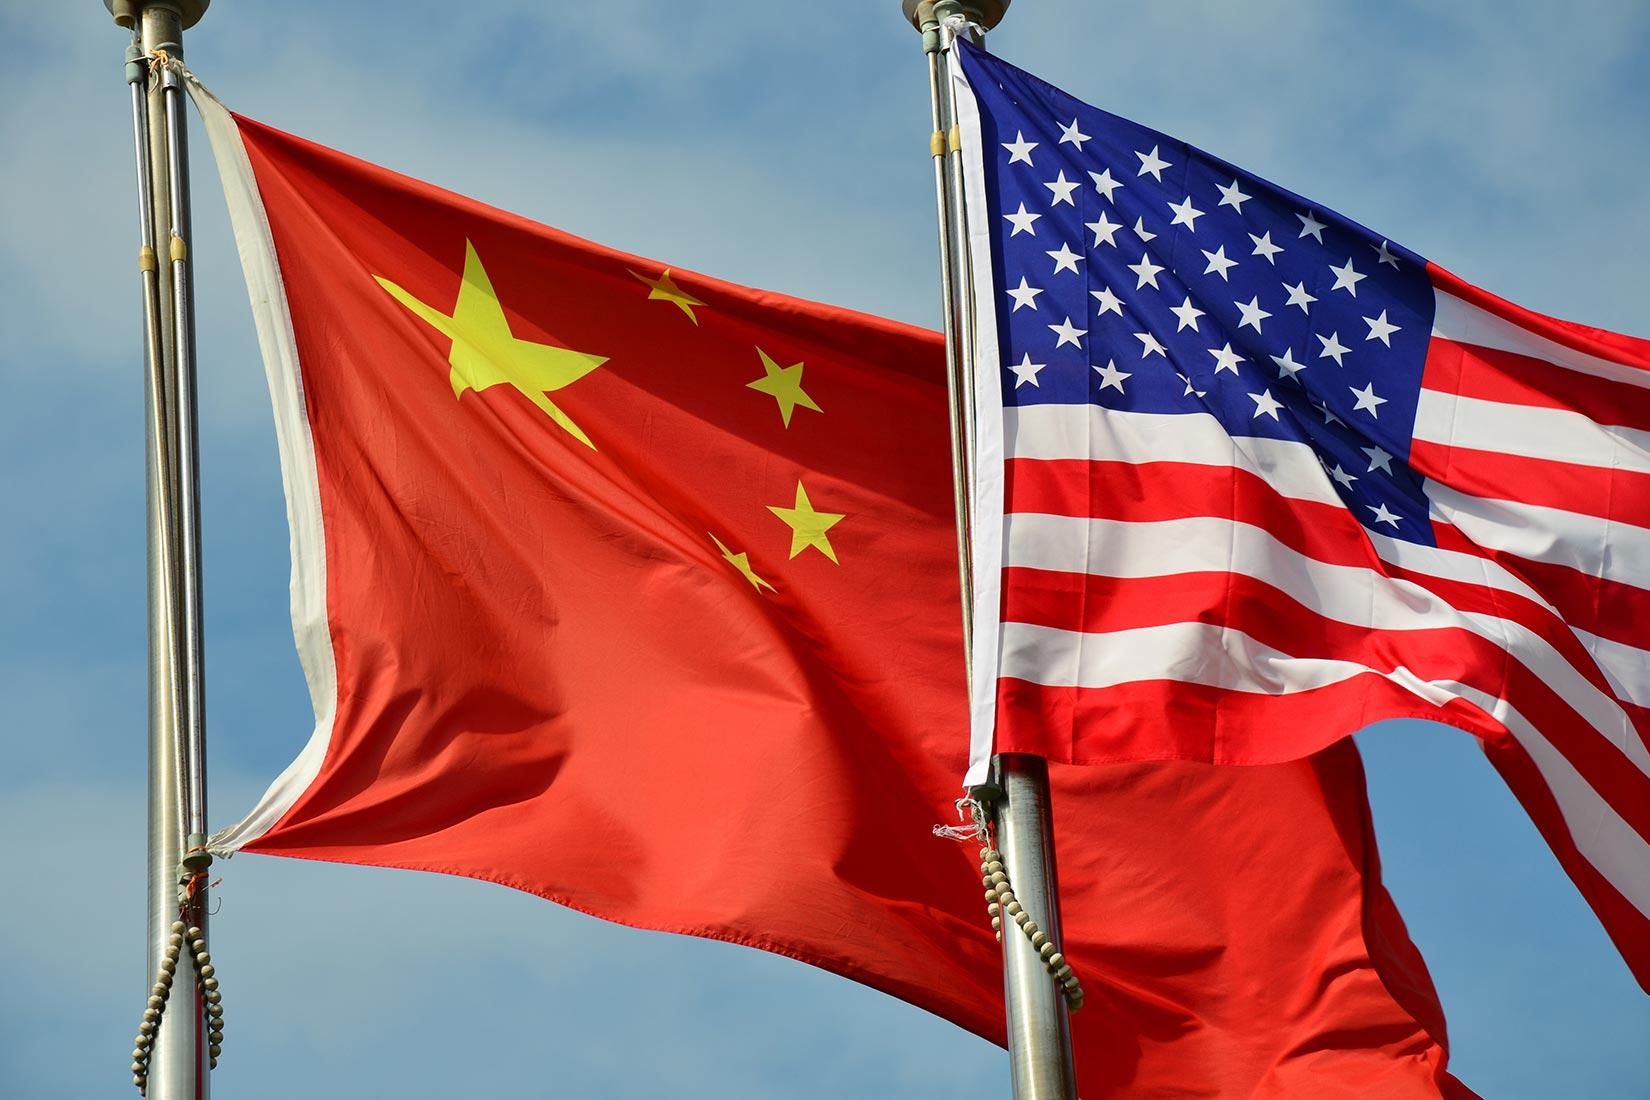 台湾危機と日米の対応(前編)<br>― アメリカの対応:その懸念と事態のエスカレーション・コントロールの模索 ―